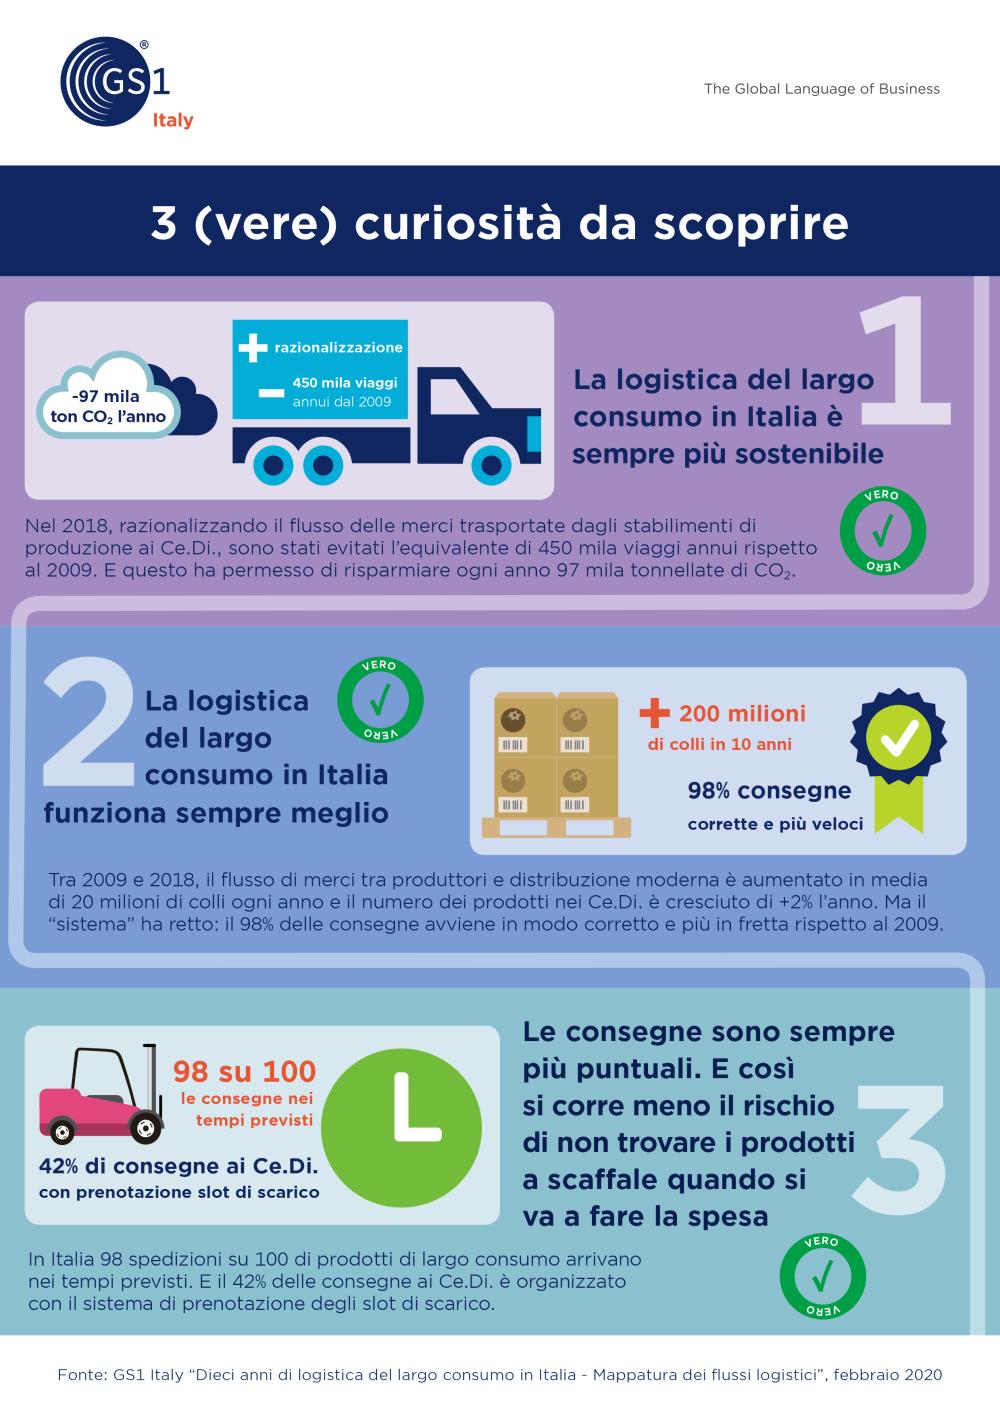 GS1 Italy: la logistica della GDO in Italia sempre più green ed efficiente